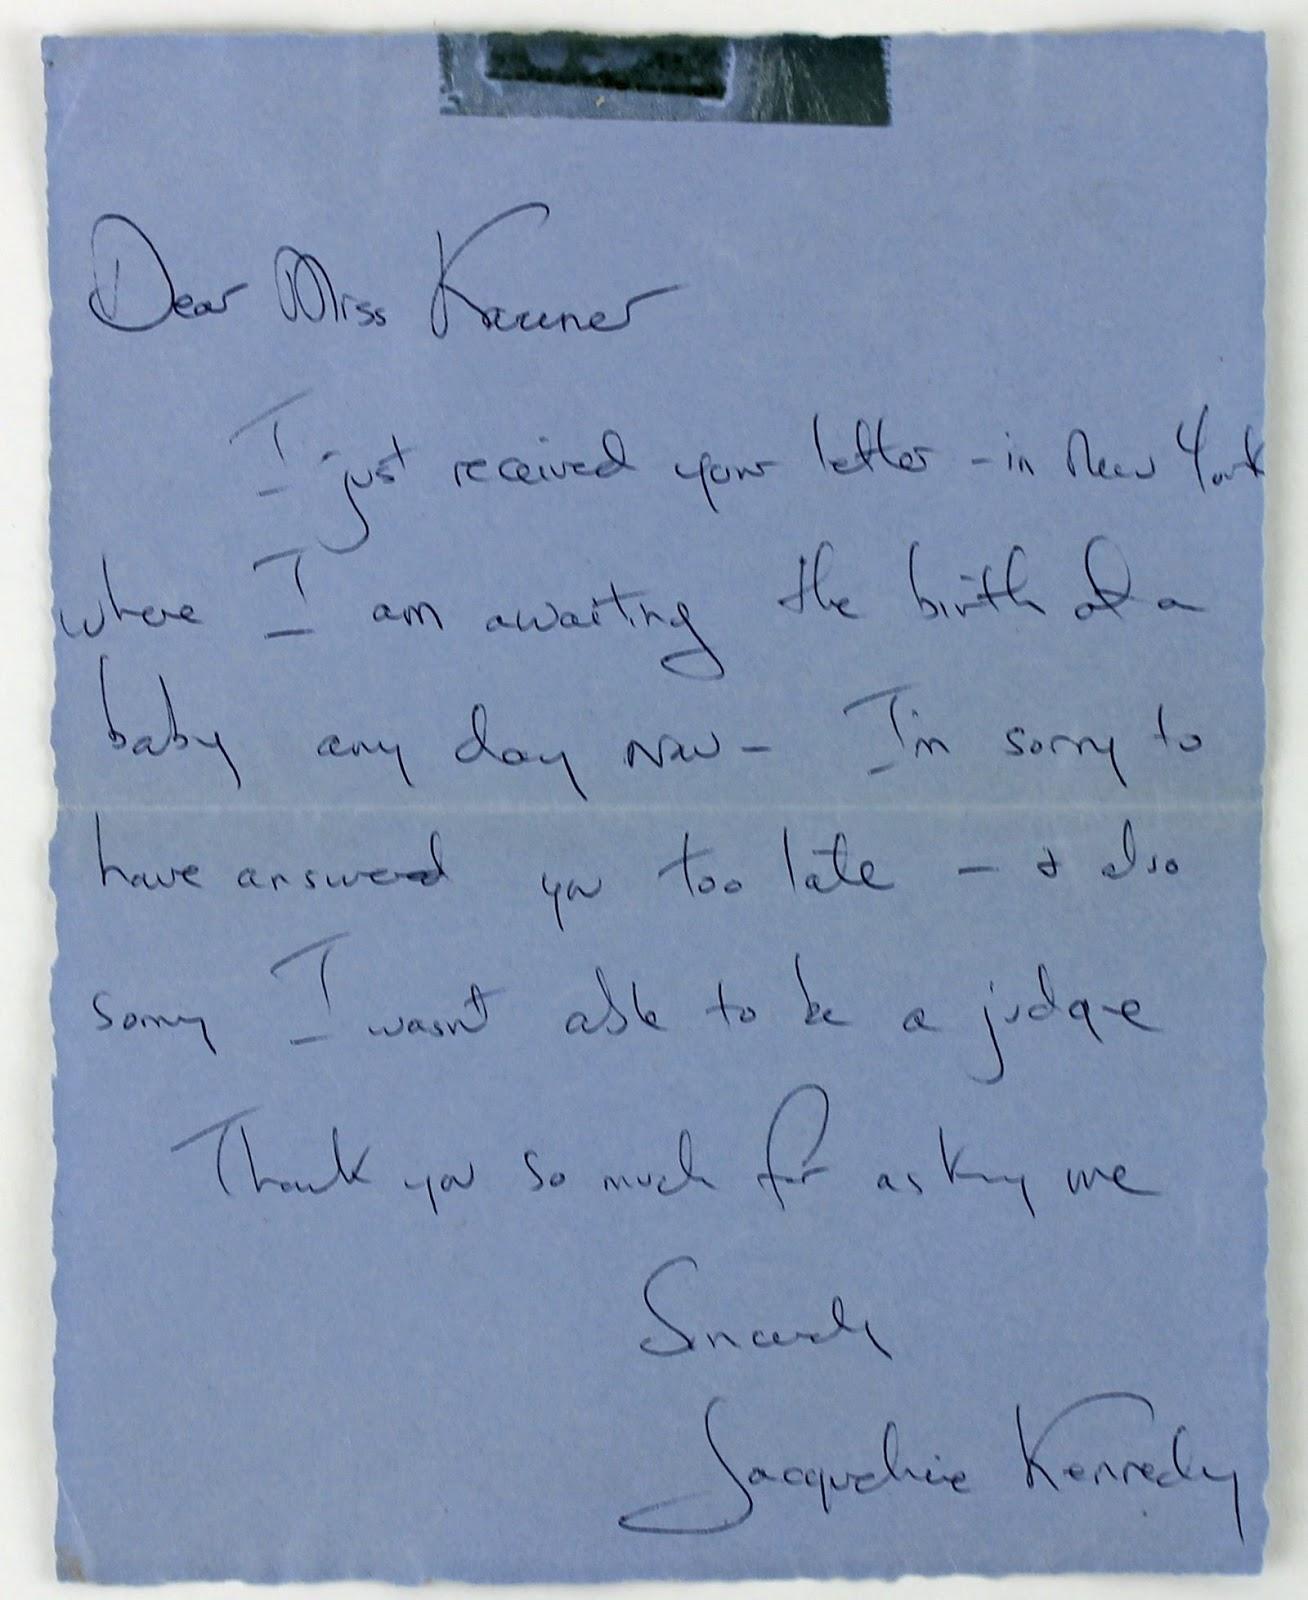 Um jeito manso marilyn monroe e jacqueline kennedy fotografadas uma letra com alguma simplicidade palavras espaadas pensava ao escrever raciocnio organizado estruturado uma escrita lenta inclinada para trs fandeluxe Gallery